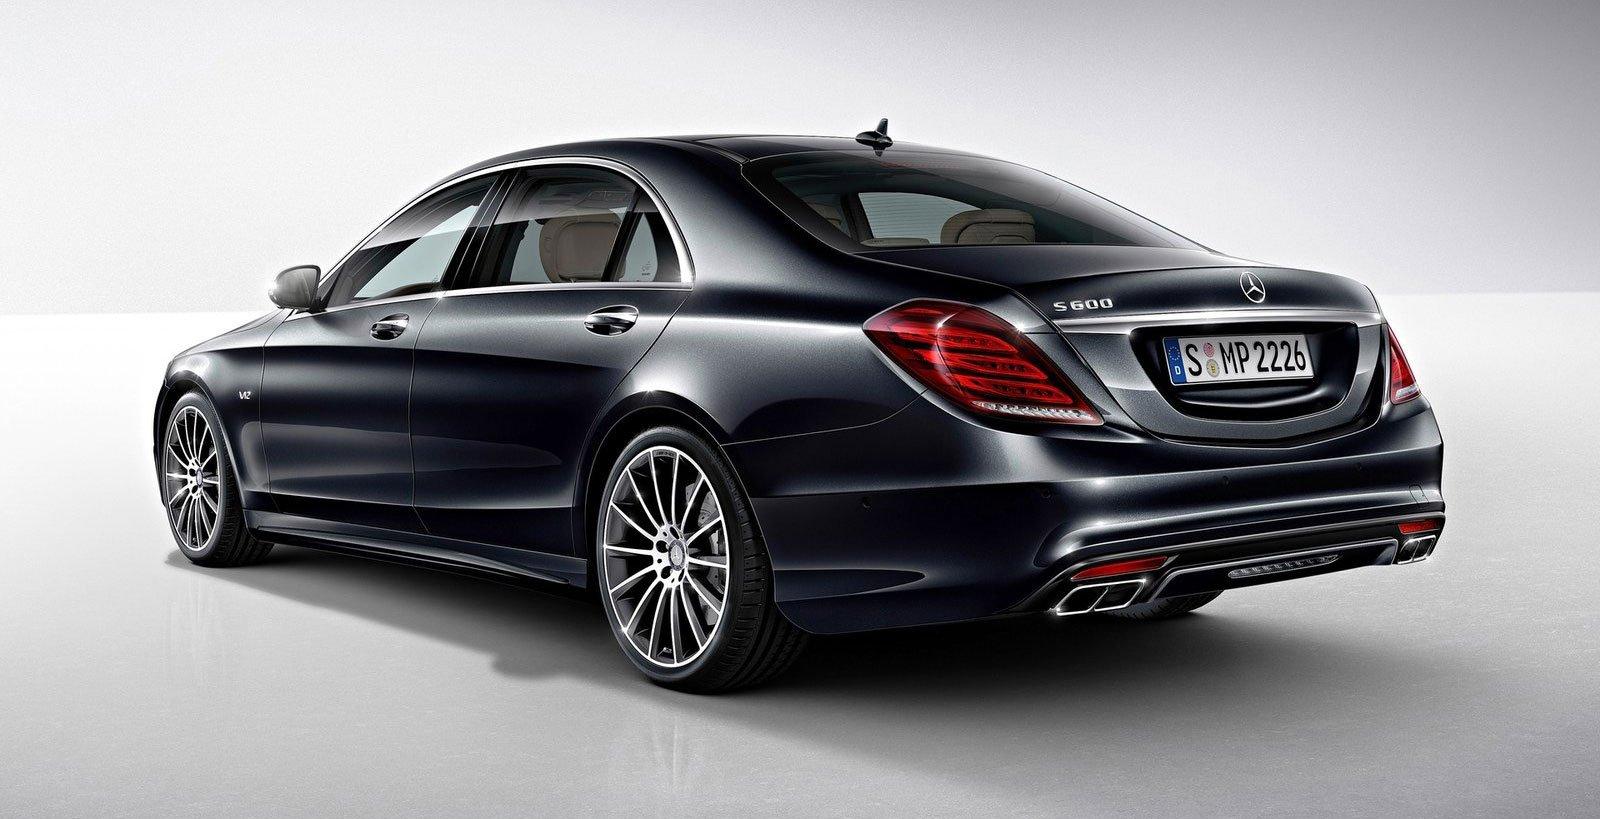 Mercedes benz s600 debuts in detroit the v12 w222 for V12 mercedes benz